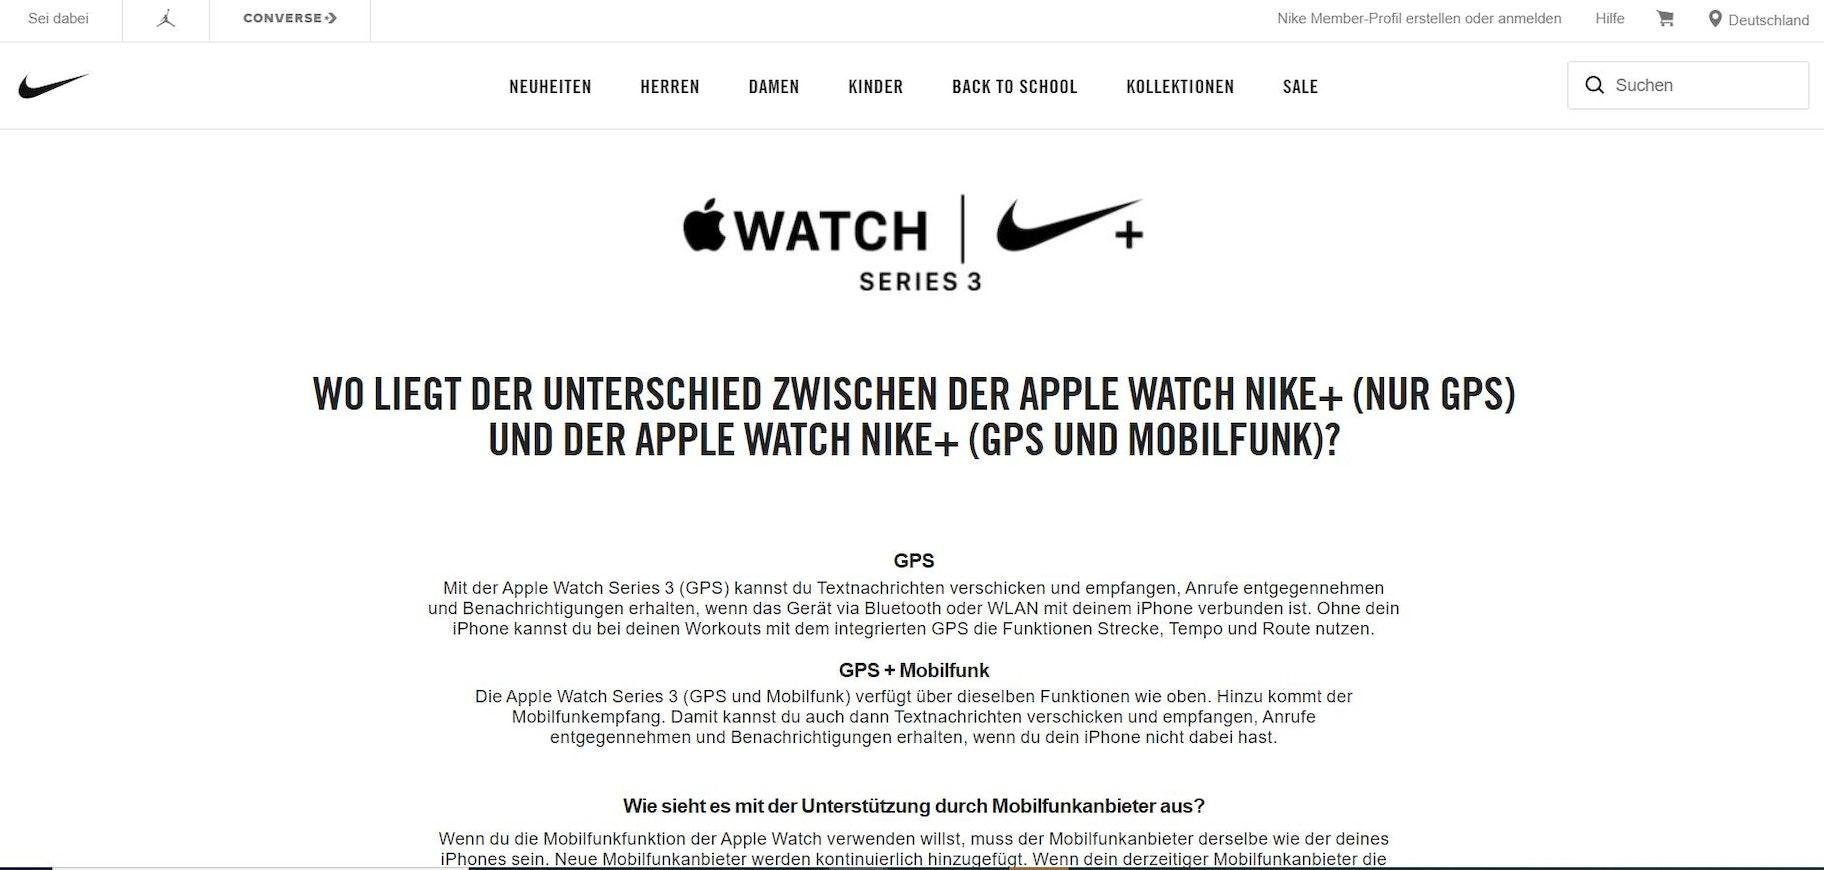 Nike Umfrage